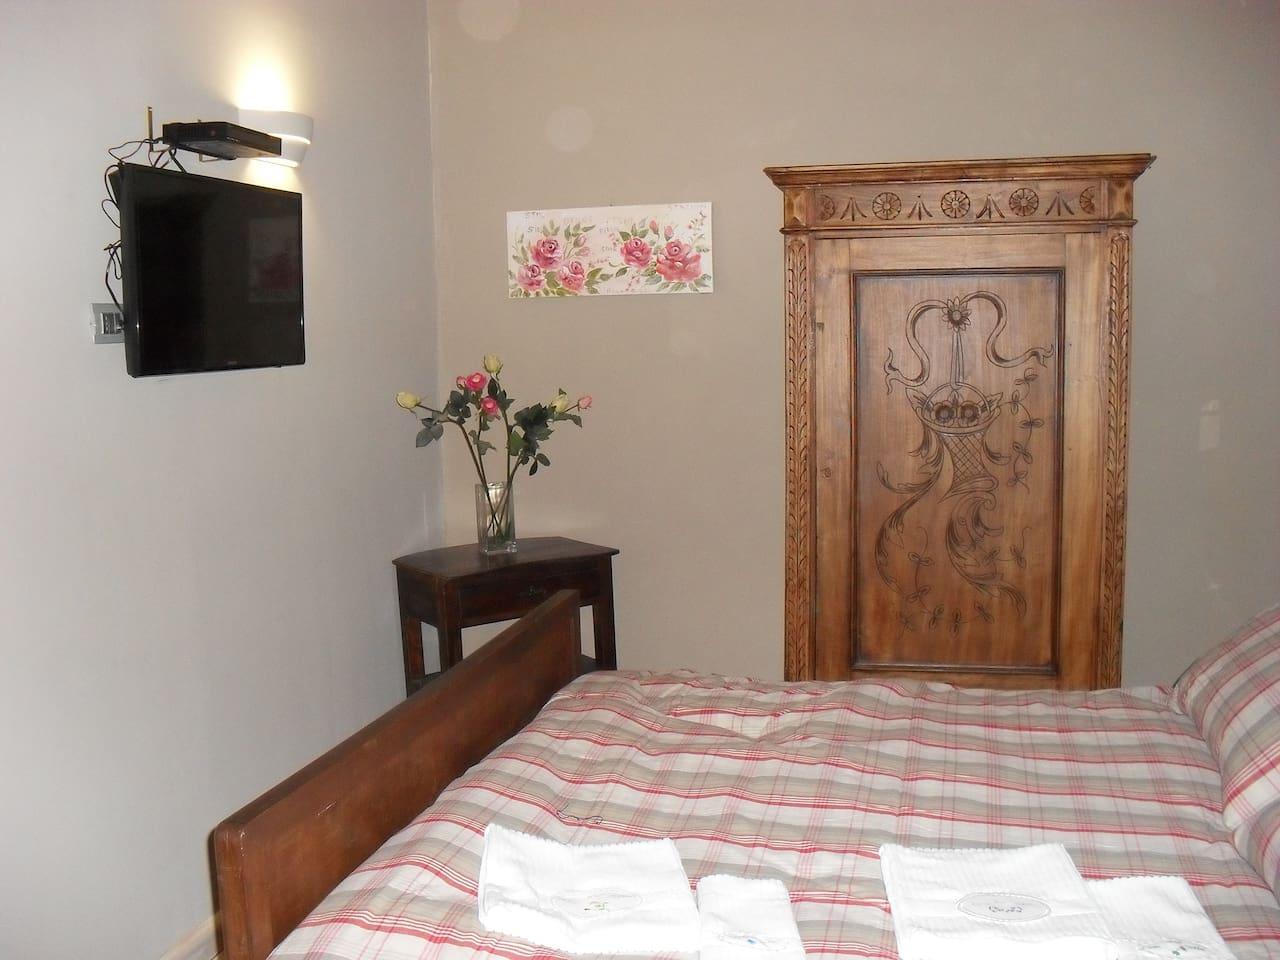 Camera matrimoniale con possibilita di aggiungere un lettino singolo.